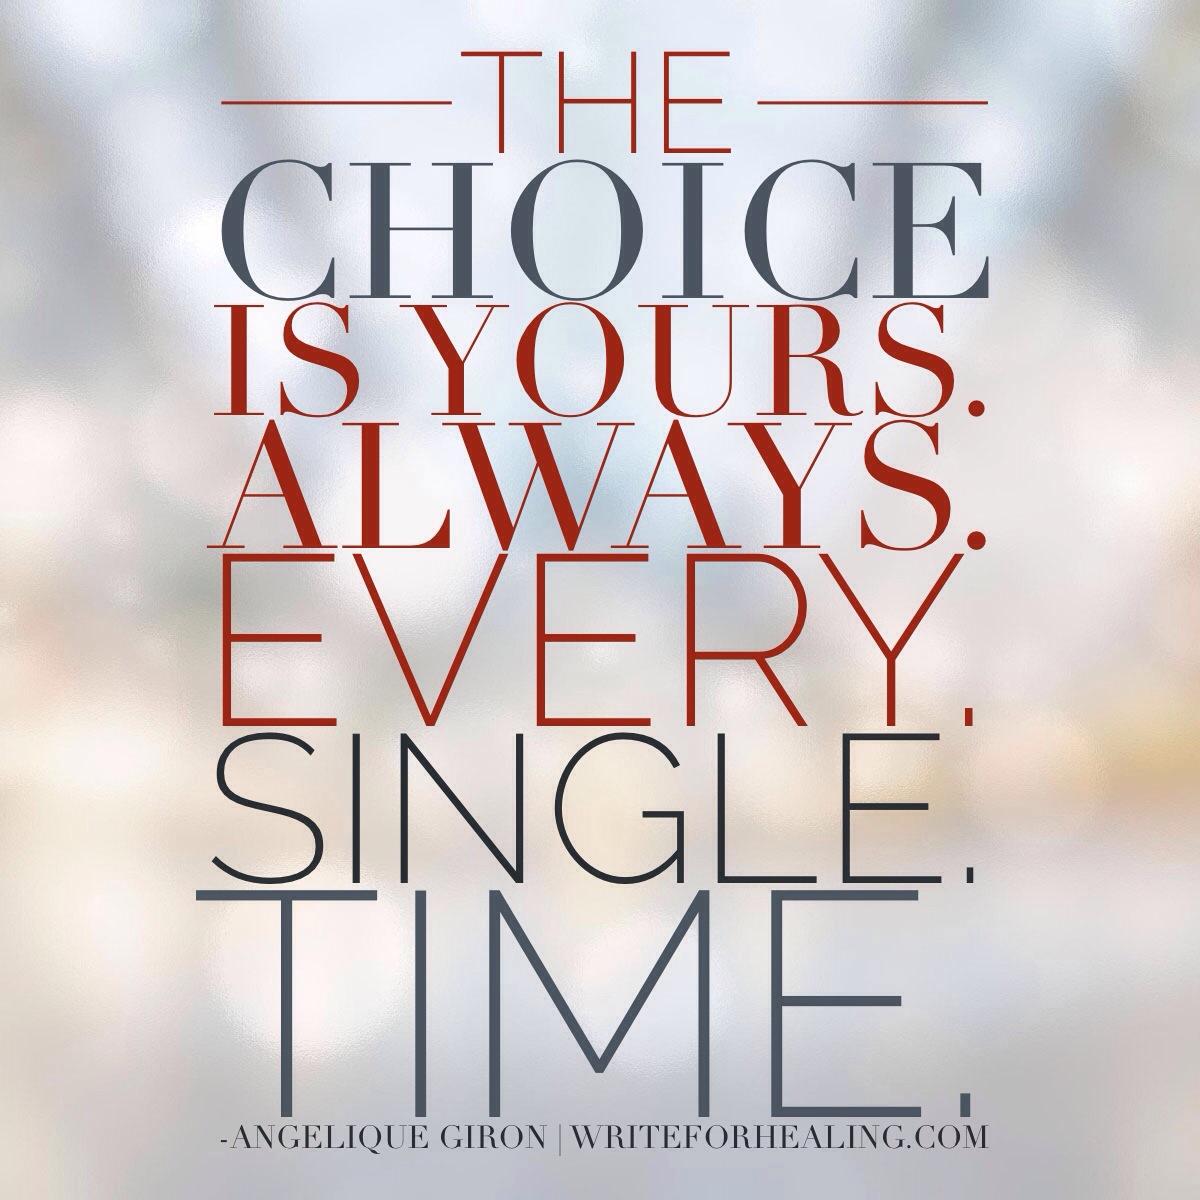 Your choice...